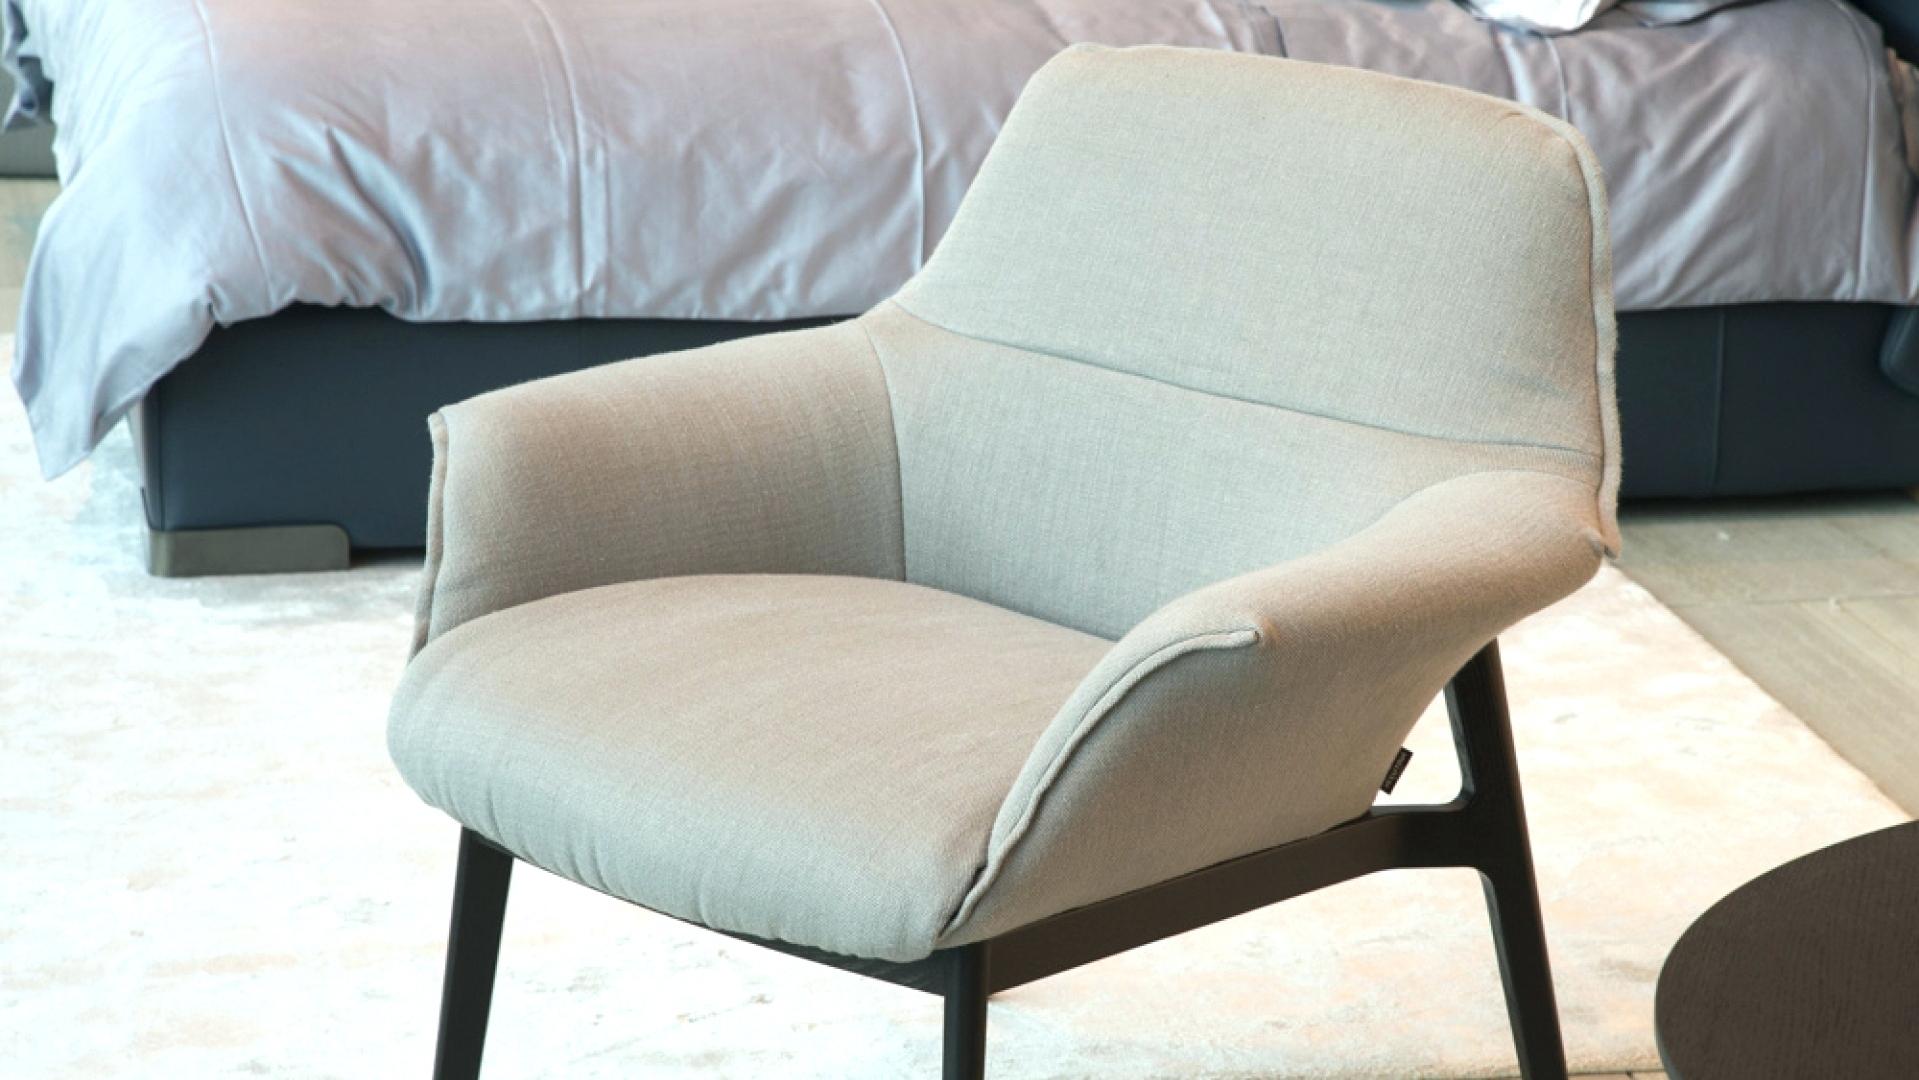 Best And Newest Natuzzi Zeta Chaise Lounge Chairs Within Natuzzi Re Vive Lounge Chair And Stool Natuzzi Leather Lounge (View 2 of 15)